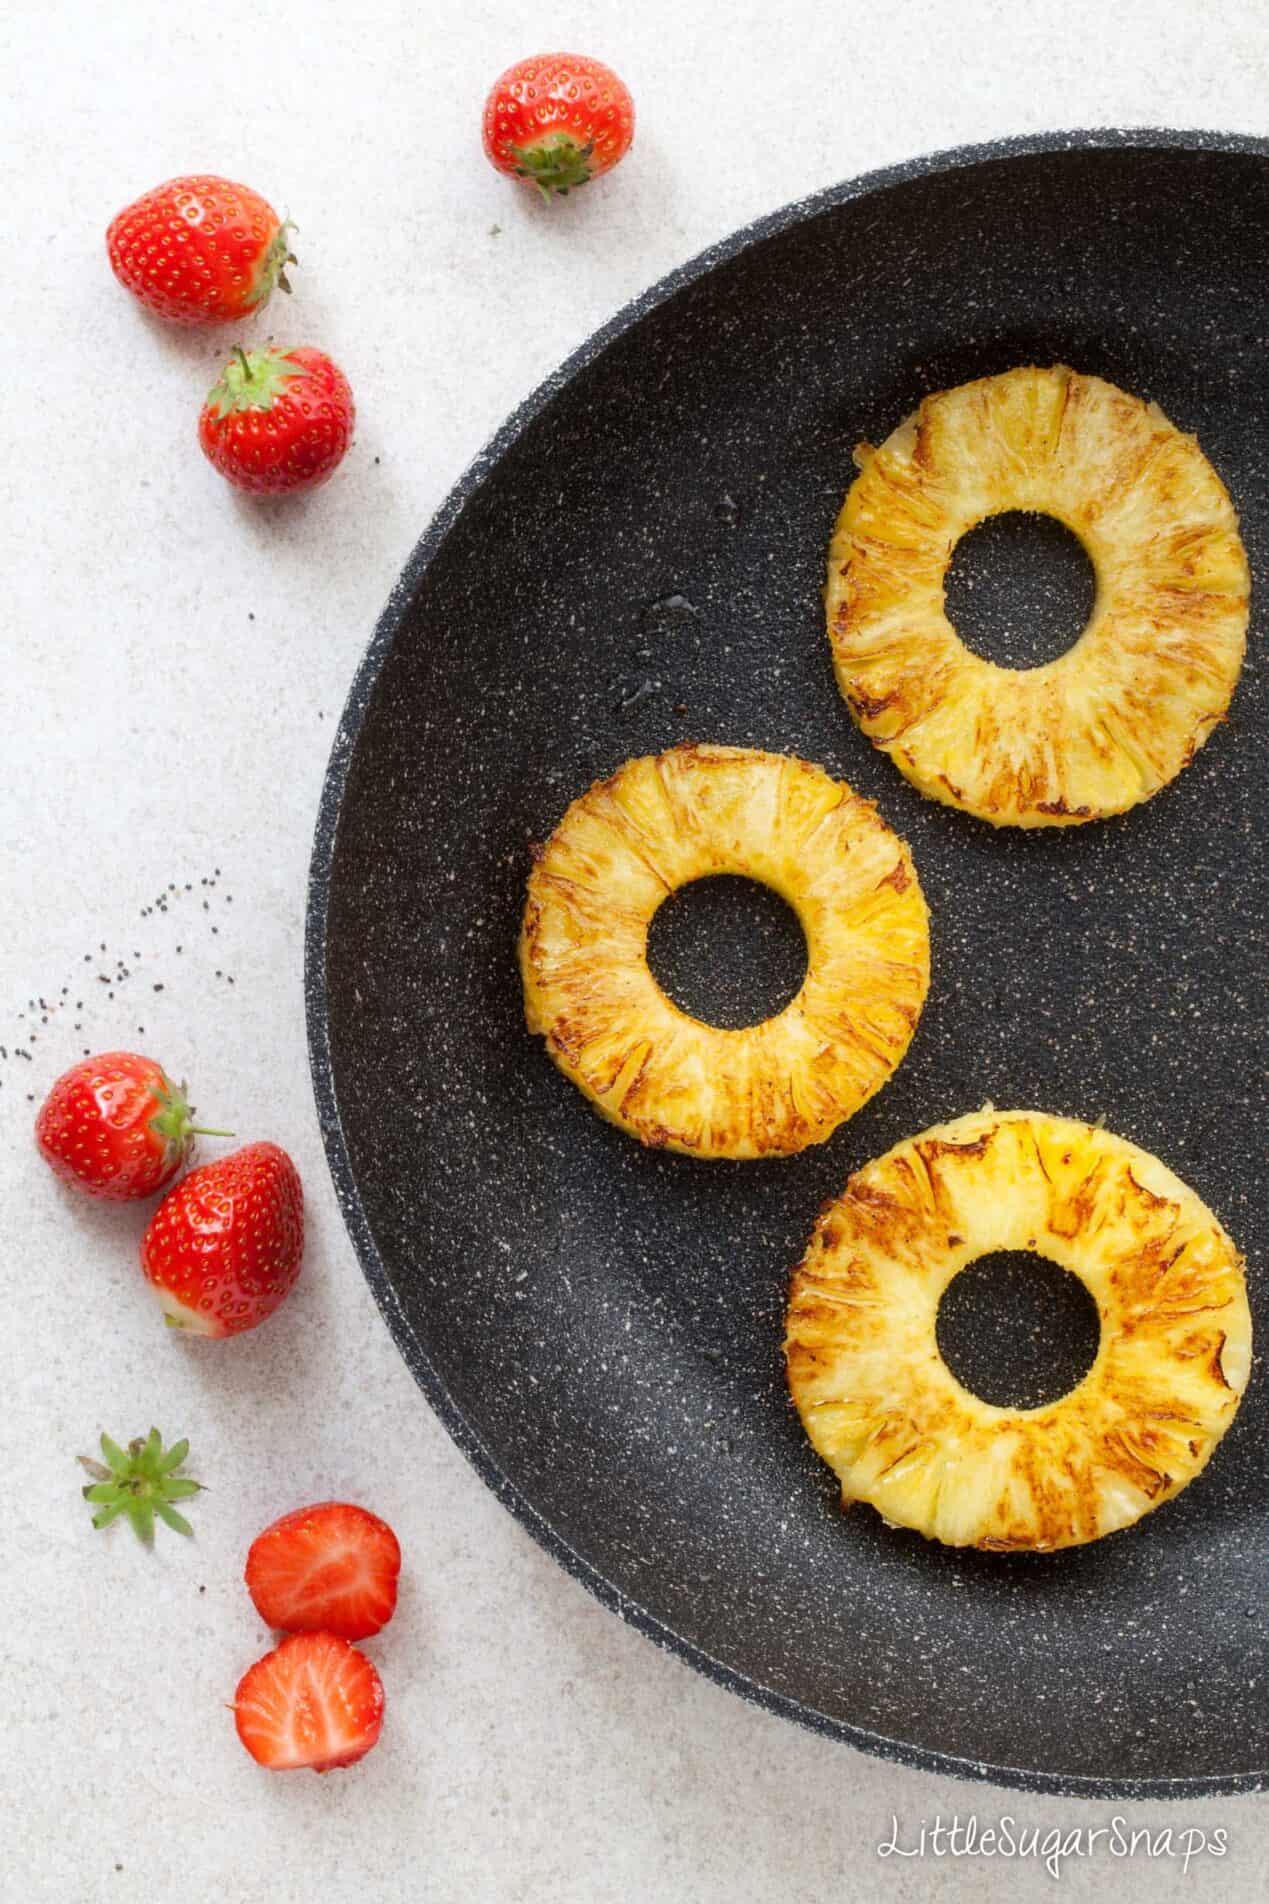 Frying pineapple rings in a pan